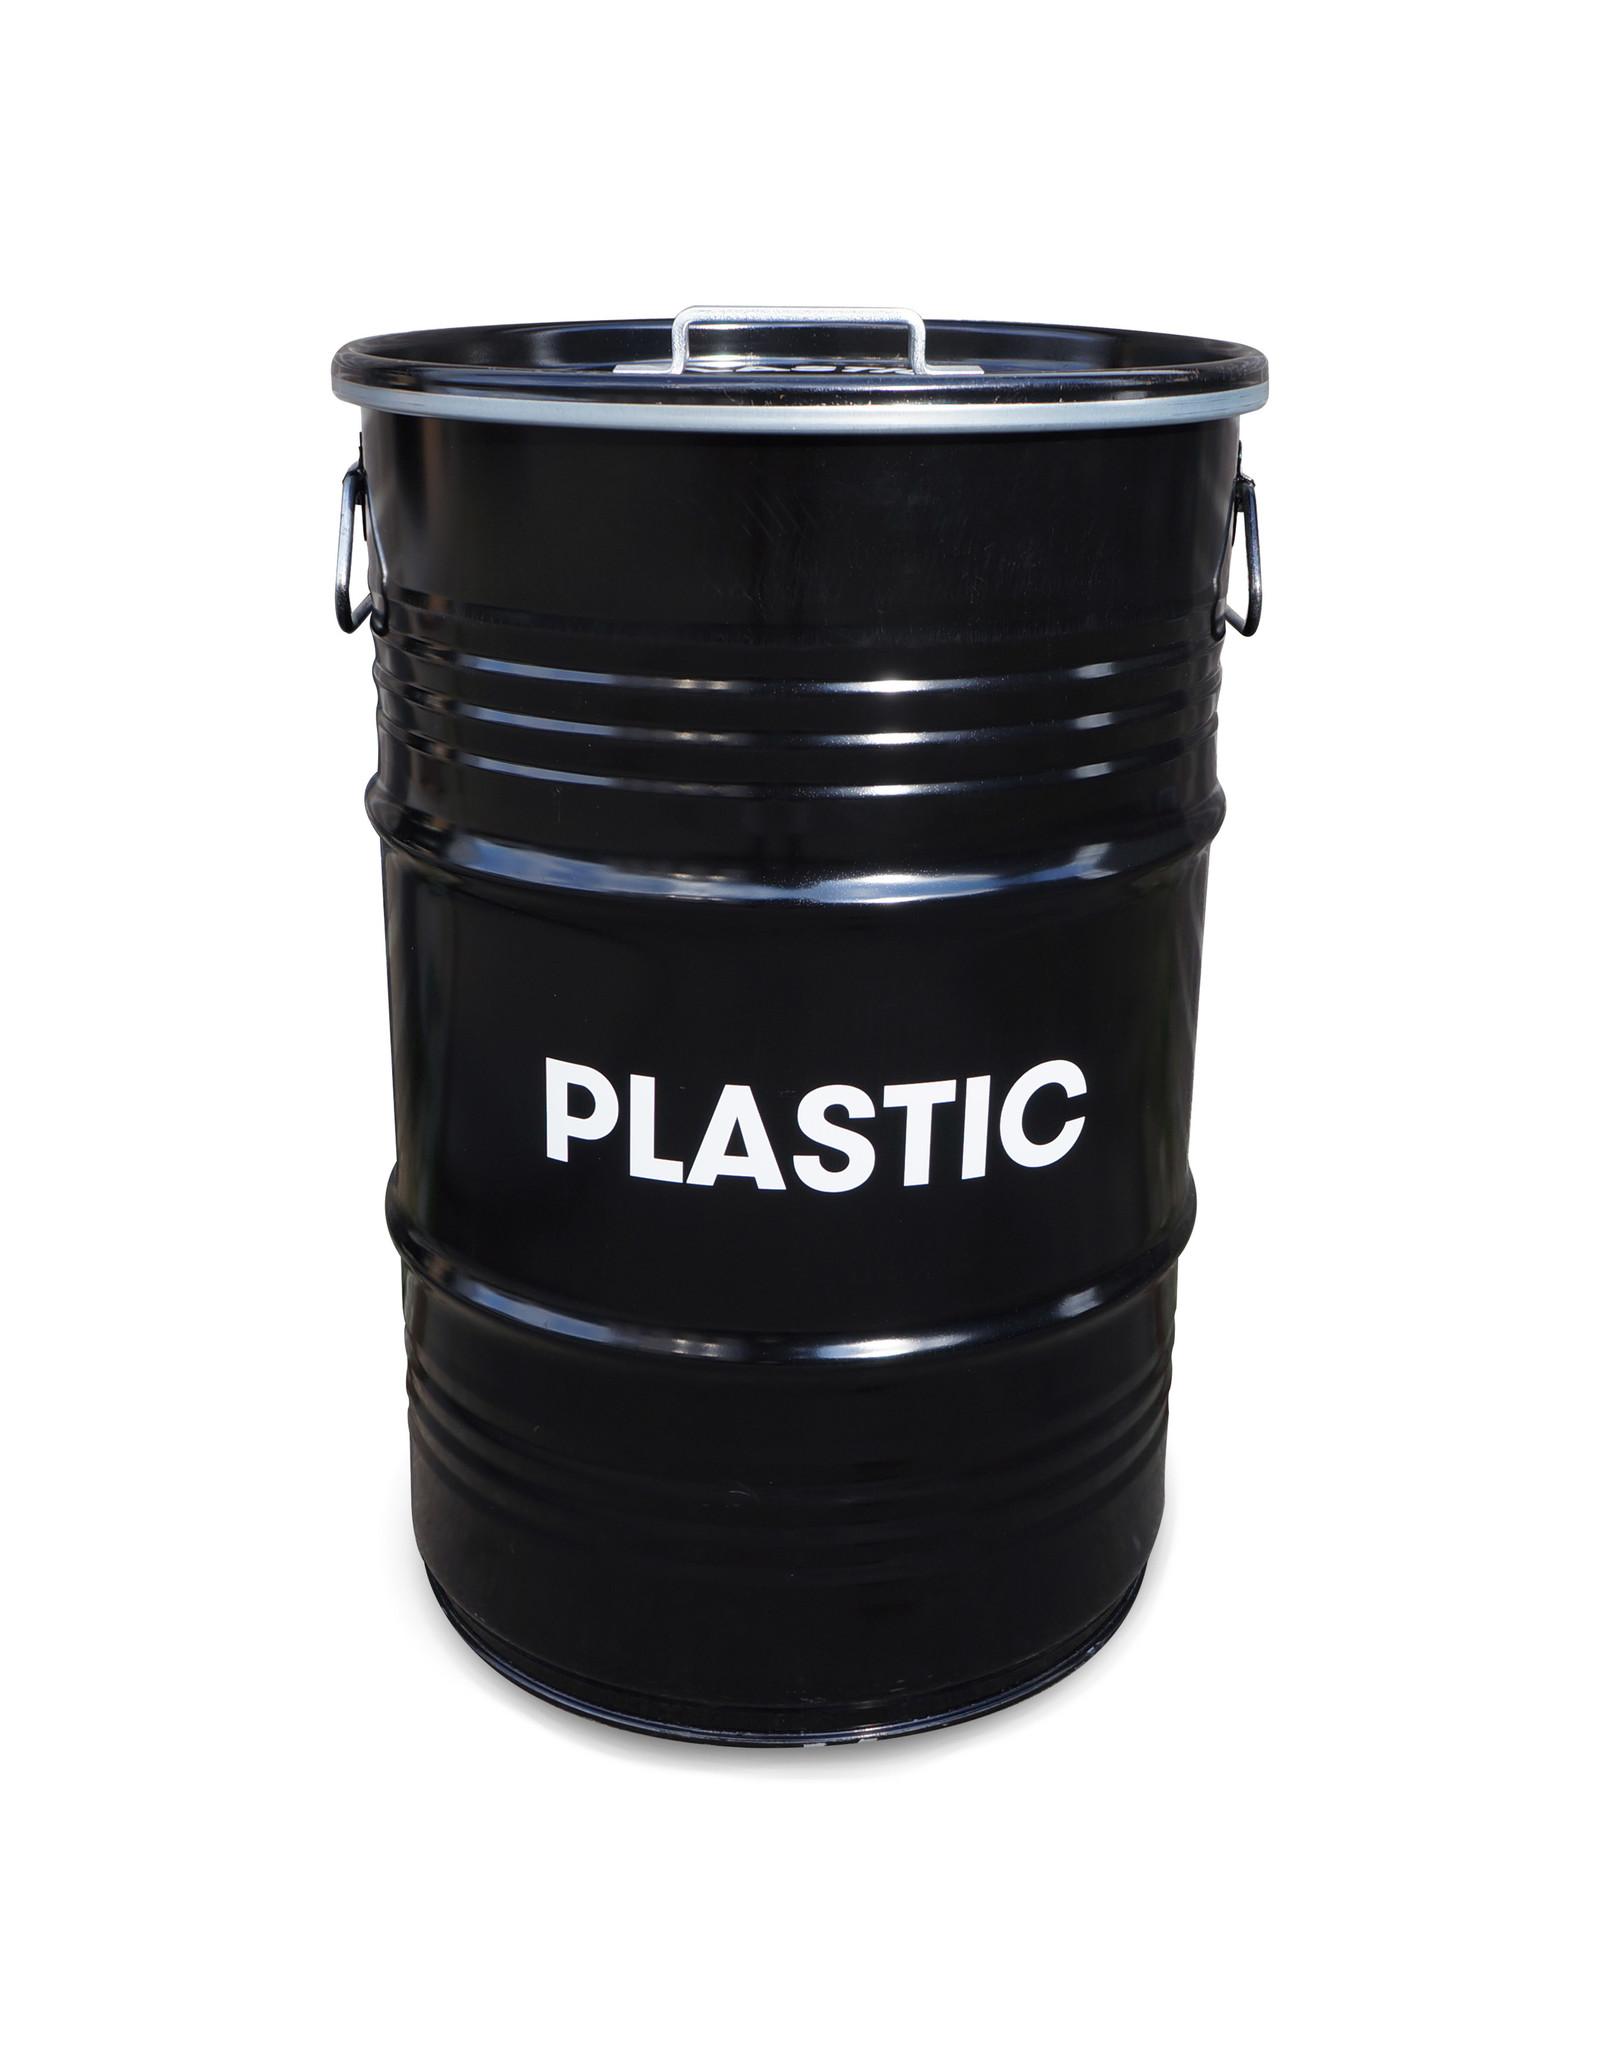 The Binbin BinBin Handle Plastic Industriële prullenbak afvalscheiding 60L